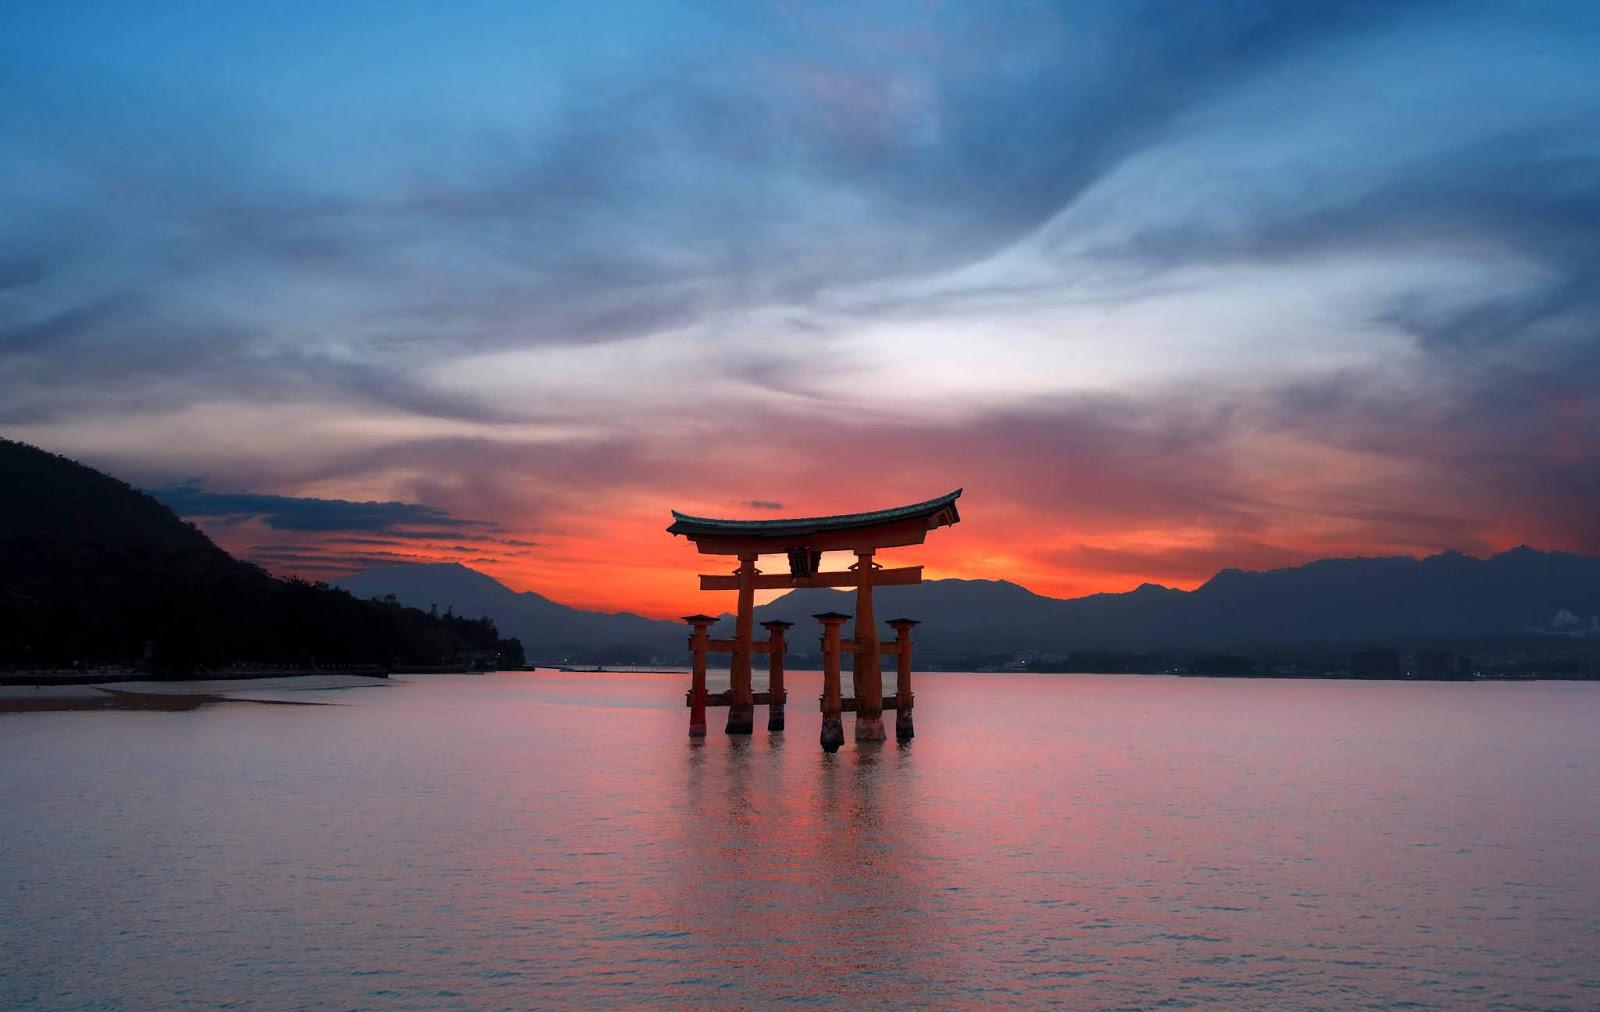 Kami – Năng lực sáng tạo từ thiên nhiên của nghệ nhân Nhật Bản